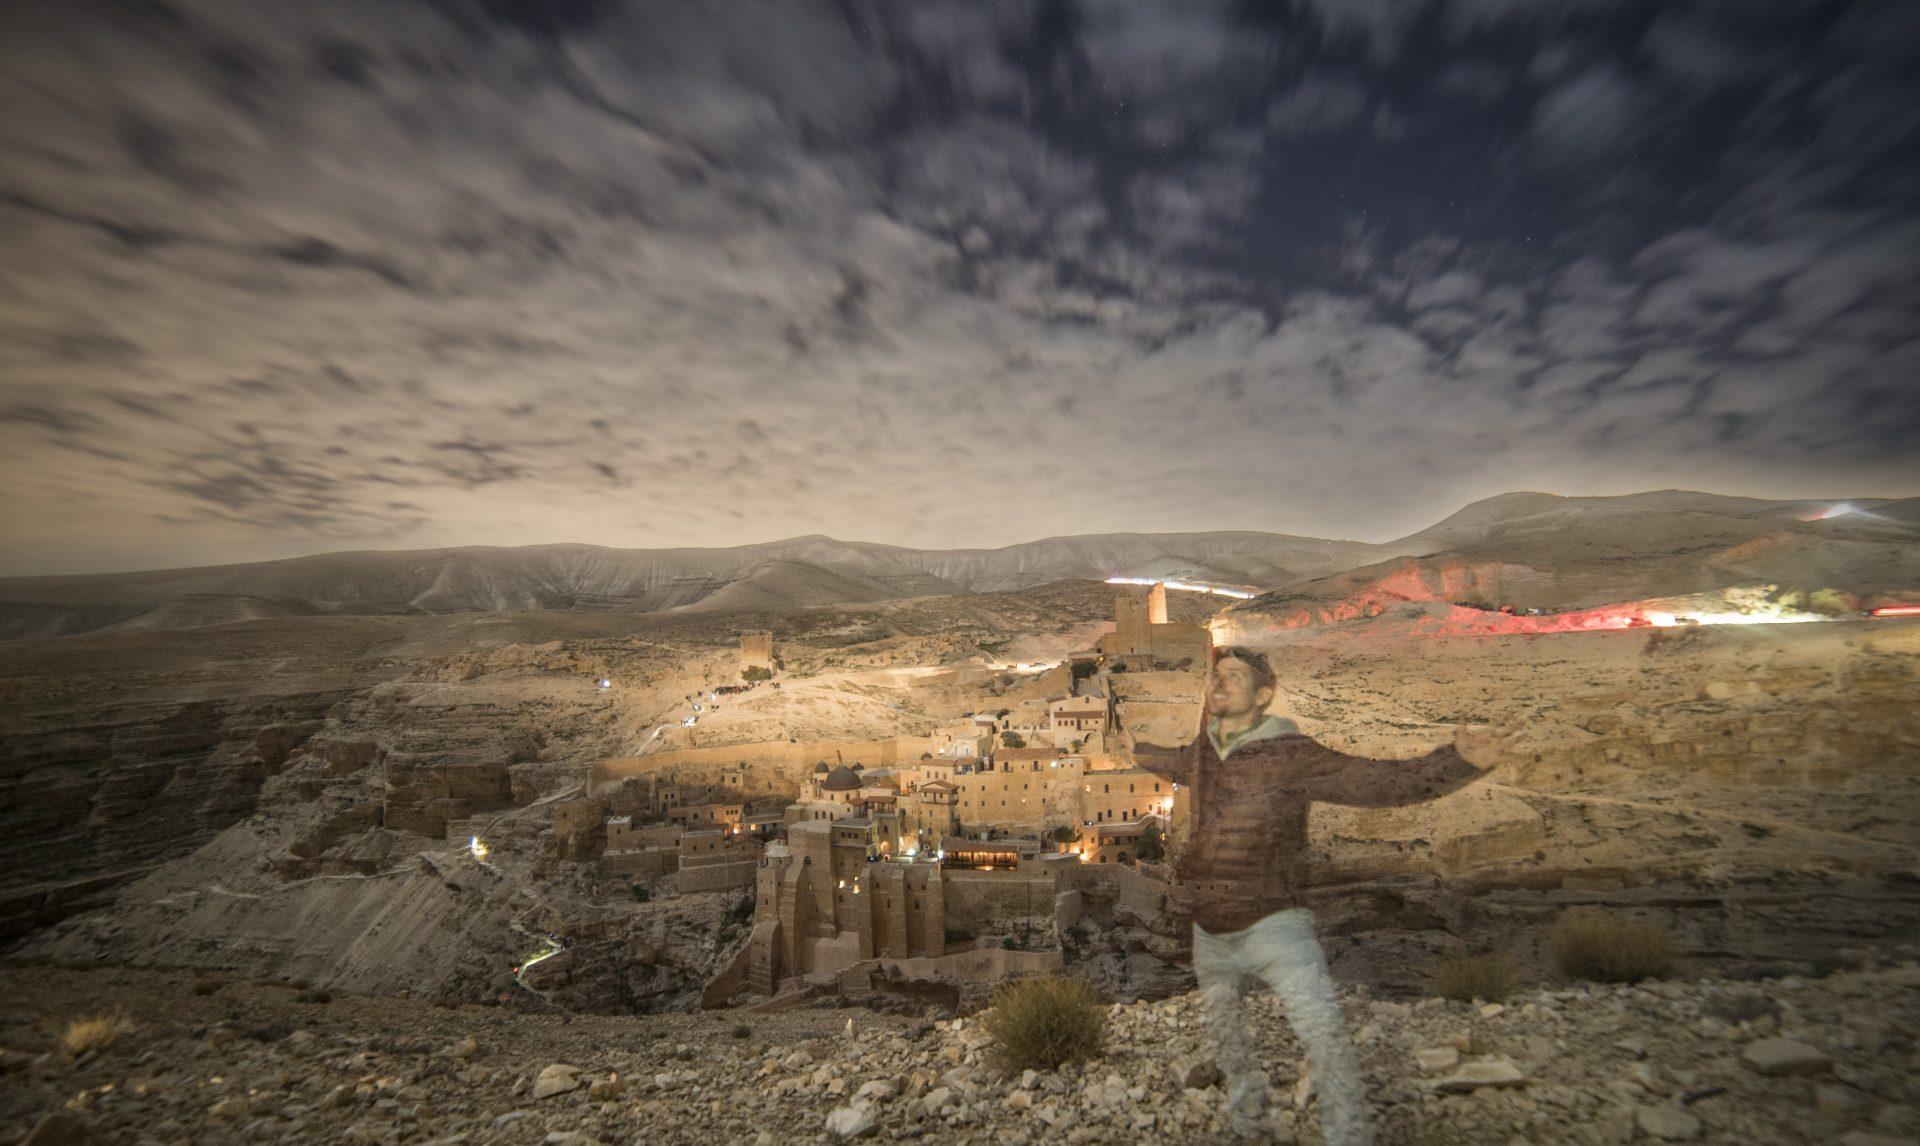 מה משותף למנזר במדבר יהודה, חג החגים בחיפה ושבוע ההתנדבות של רשות הטבע?